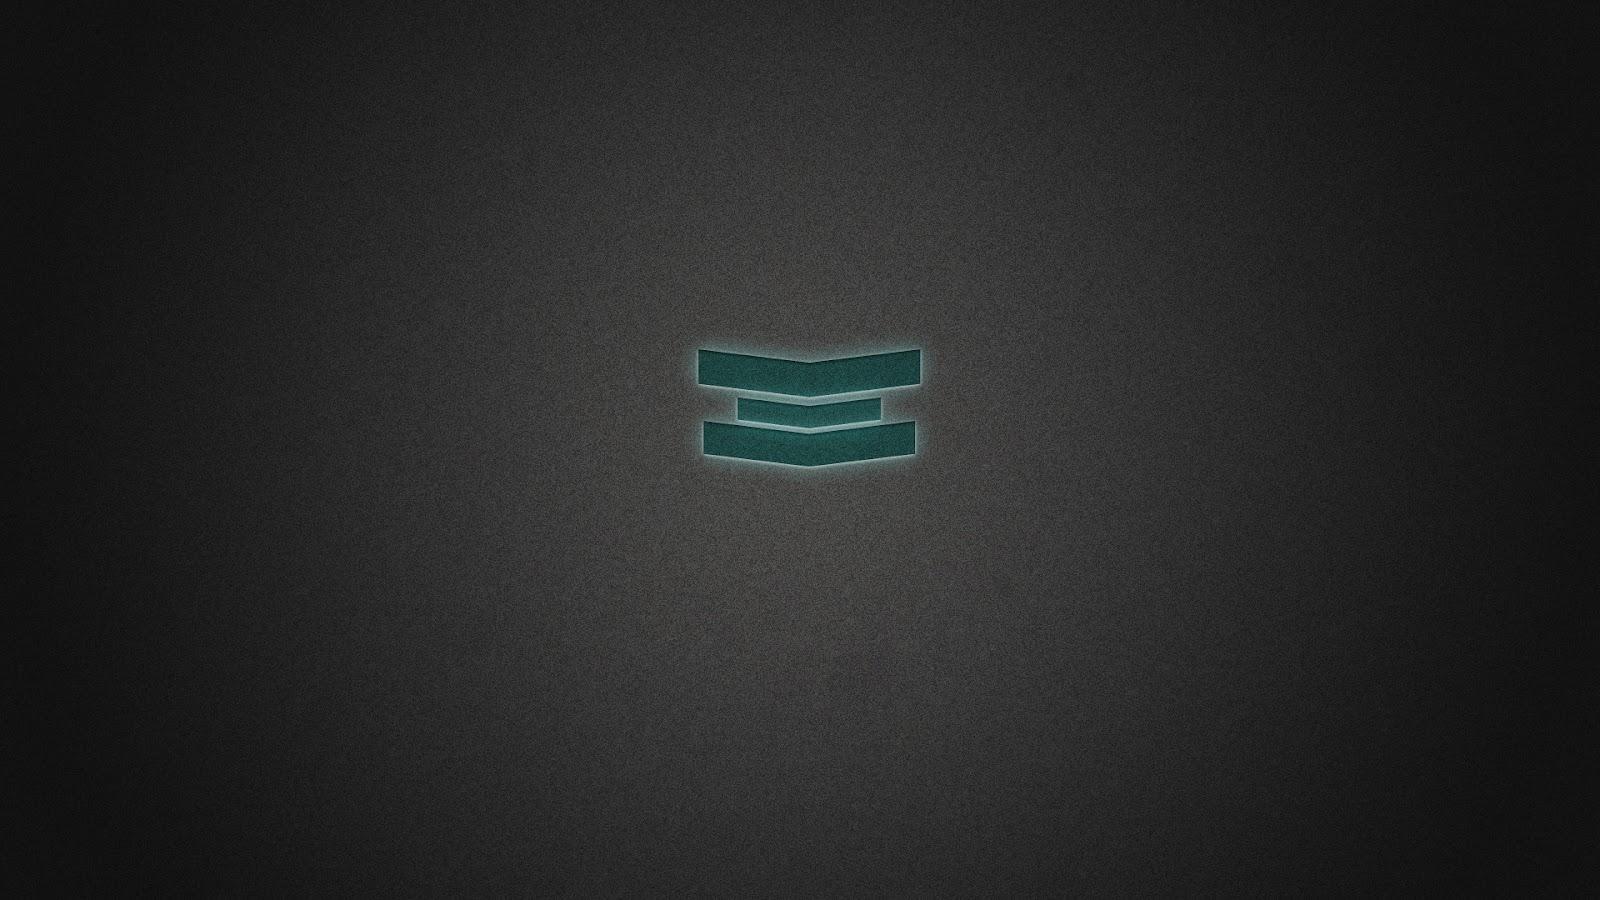 http://3.bp.blogspot.com/-wNQdlr4wx4I/UBT-pxe061I/AAAAAAAAEvc/yjMRIHzmhdU/s1600/dead_space_wallpaper_by_slingar-d4piiva.jpg